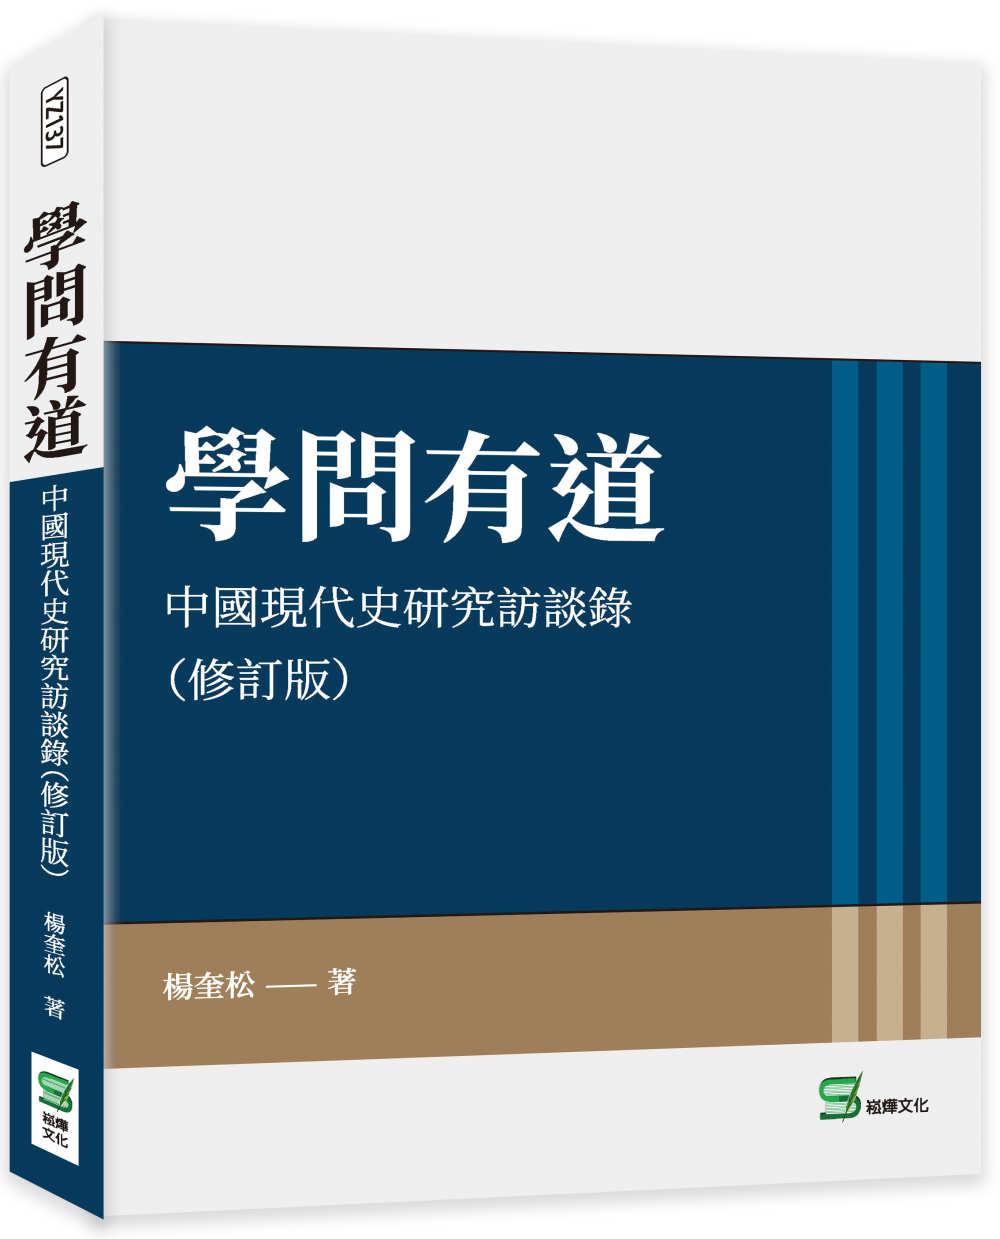 學問有道:中國現代史研究訪談錄...